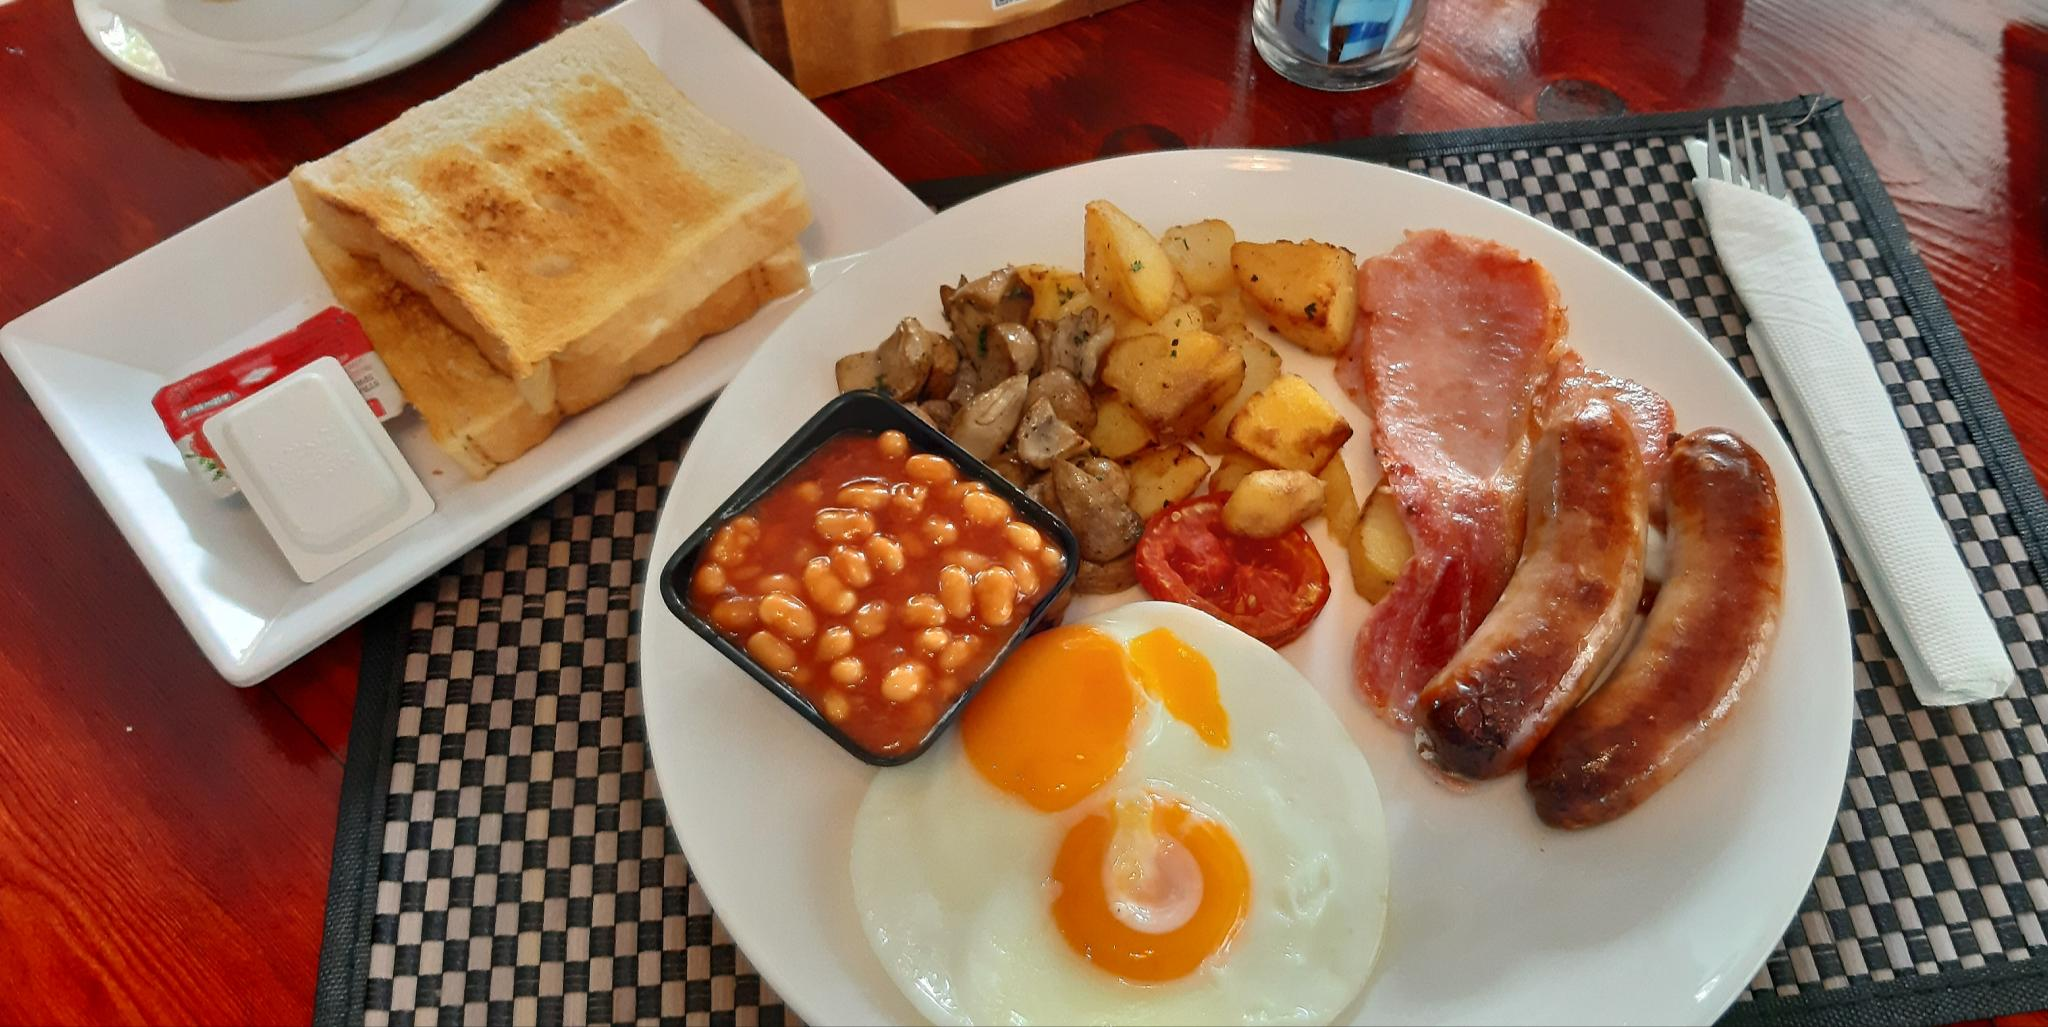 Breakfast-20200608_103952-jpg